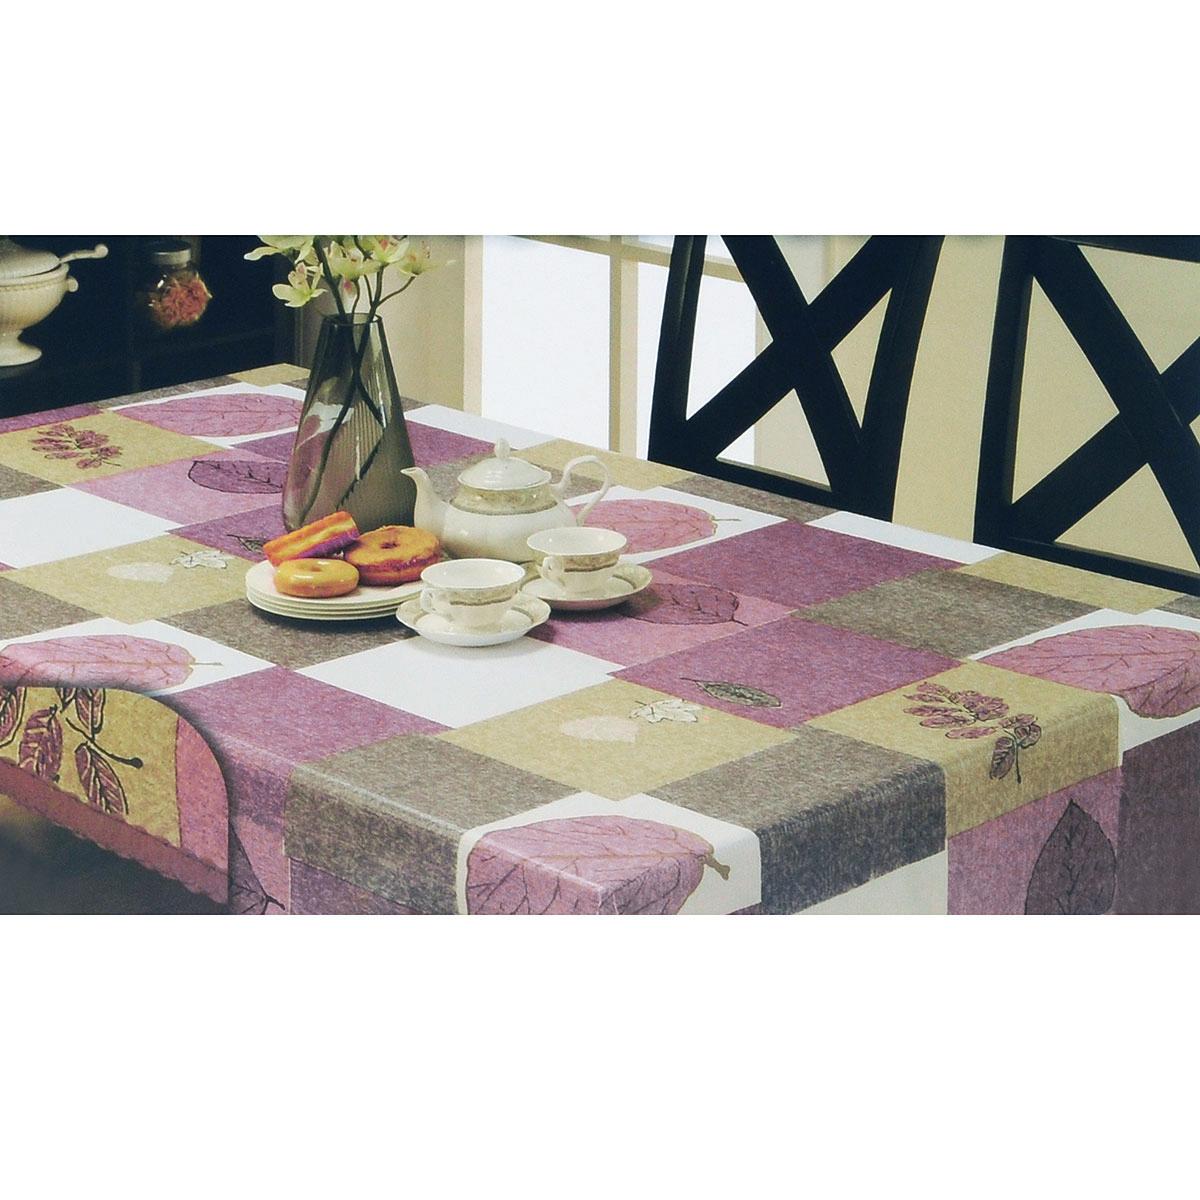 Скатерть White Fox Лист, прямоугольная, цвет: сиреневый, серый, 152x 228 см1004900000360Прямоугольная скатерть White Fox Лист, выполненная из ПВХ с основой из флиса, предназначена для защиты стола от царапин, пятен и крошек. Край скатерти обработан строчкой. Скатерть оформлена изображением листочков, а рифлёная поверхность формирует приятные тактильные ощущения, при этом частички пищи удаляются с легкостью и поверхность остается всегда чистой. Скатерть термостойкая, выдерживает температуру до +70 °C.Скатерть White Fox проста в уходе - её можно протирать любыми моющими средствами при необходимости.Скатерть упакована в виниловый пакет с внутренним цветным вкладышем и подвесом в виде крючка.